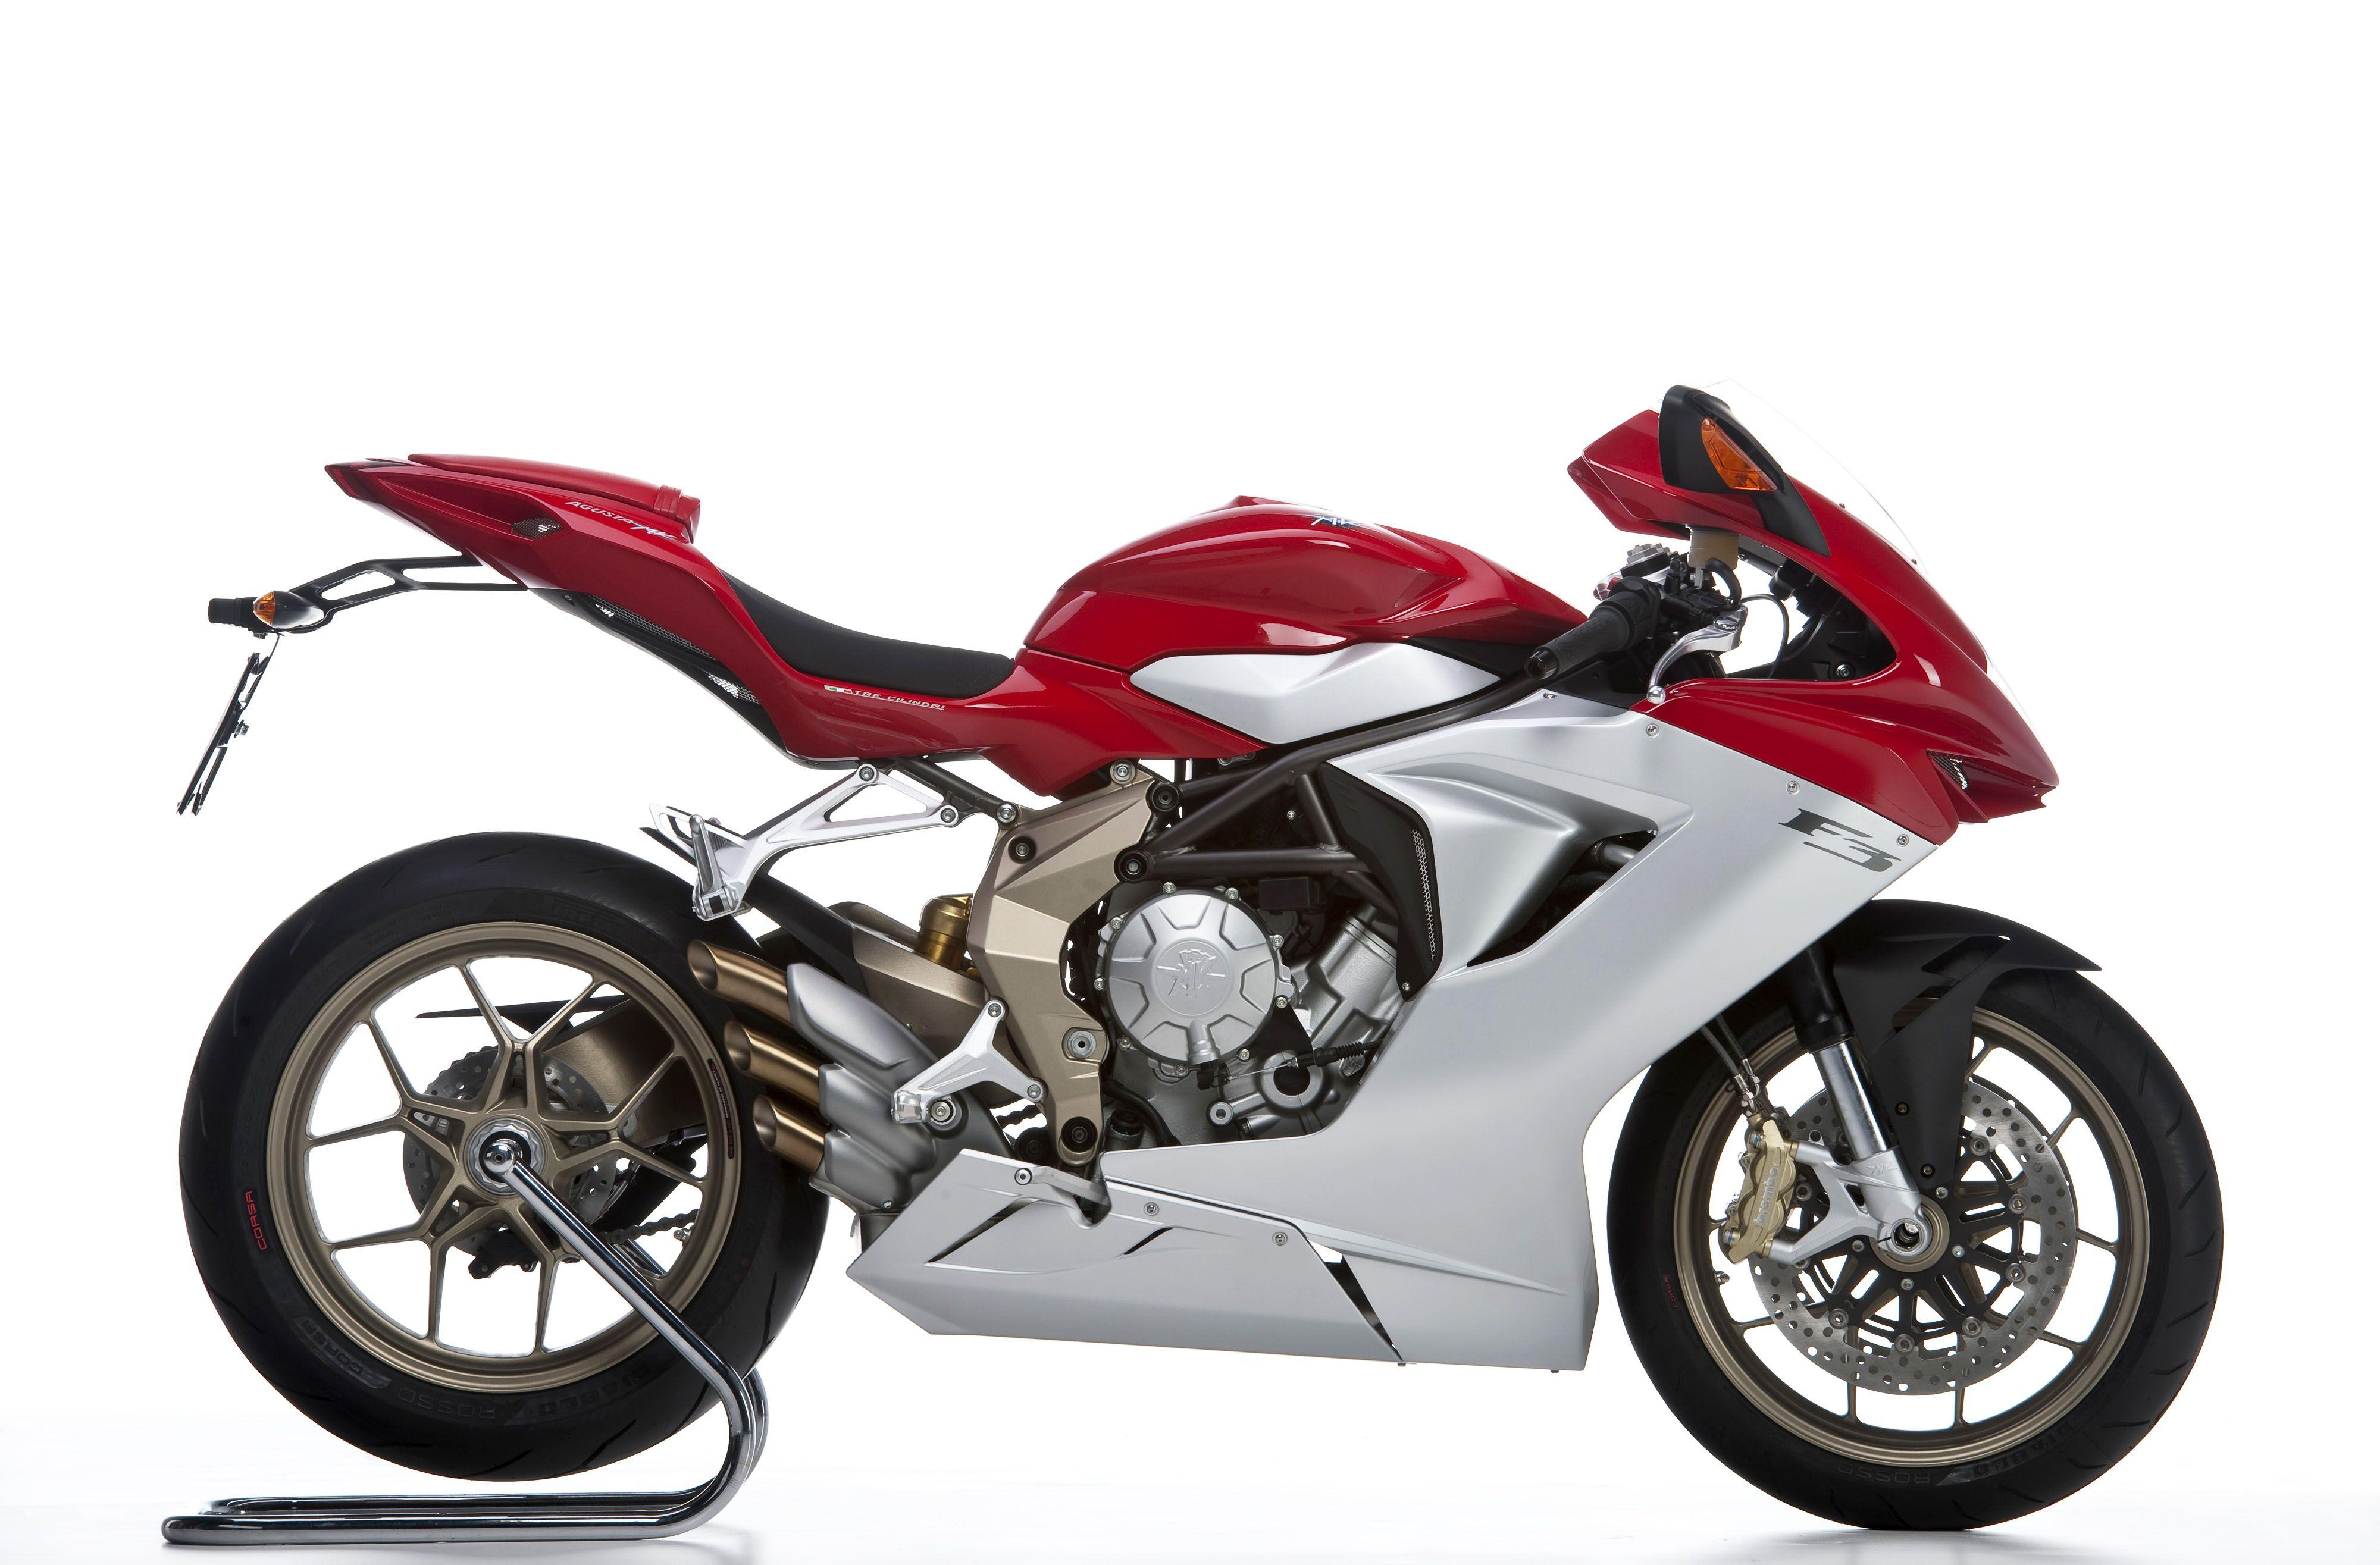 New MV Agusta F3